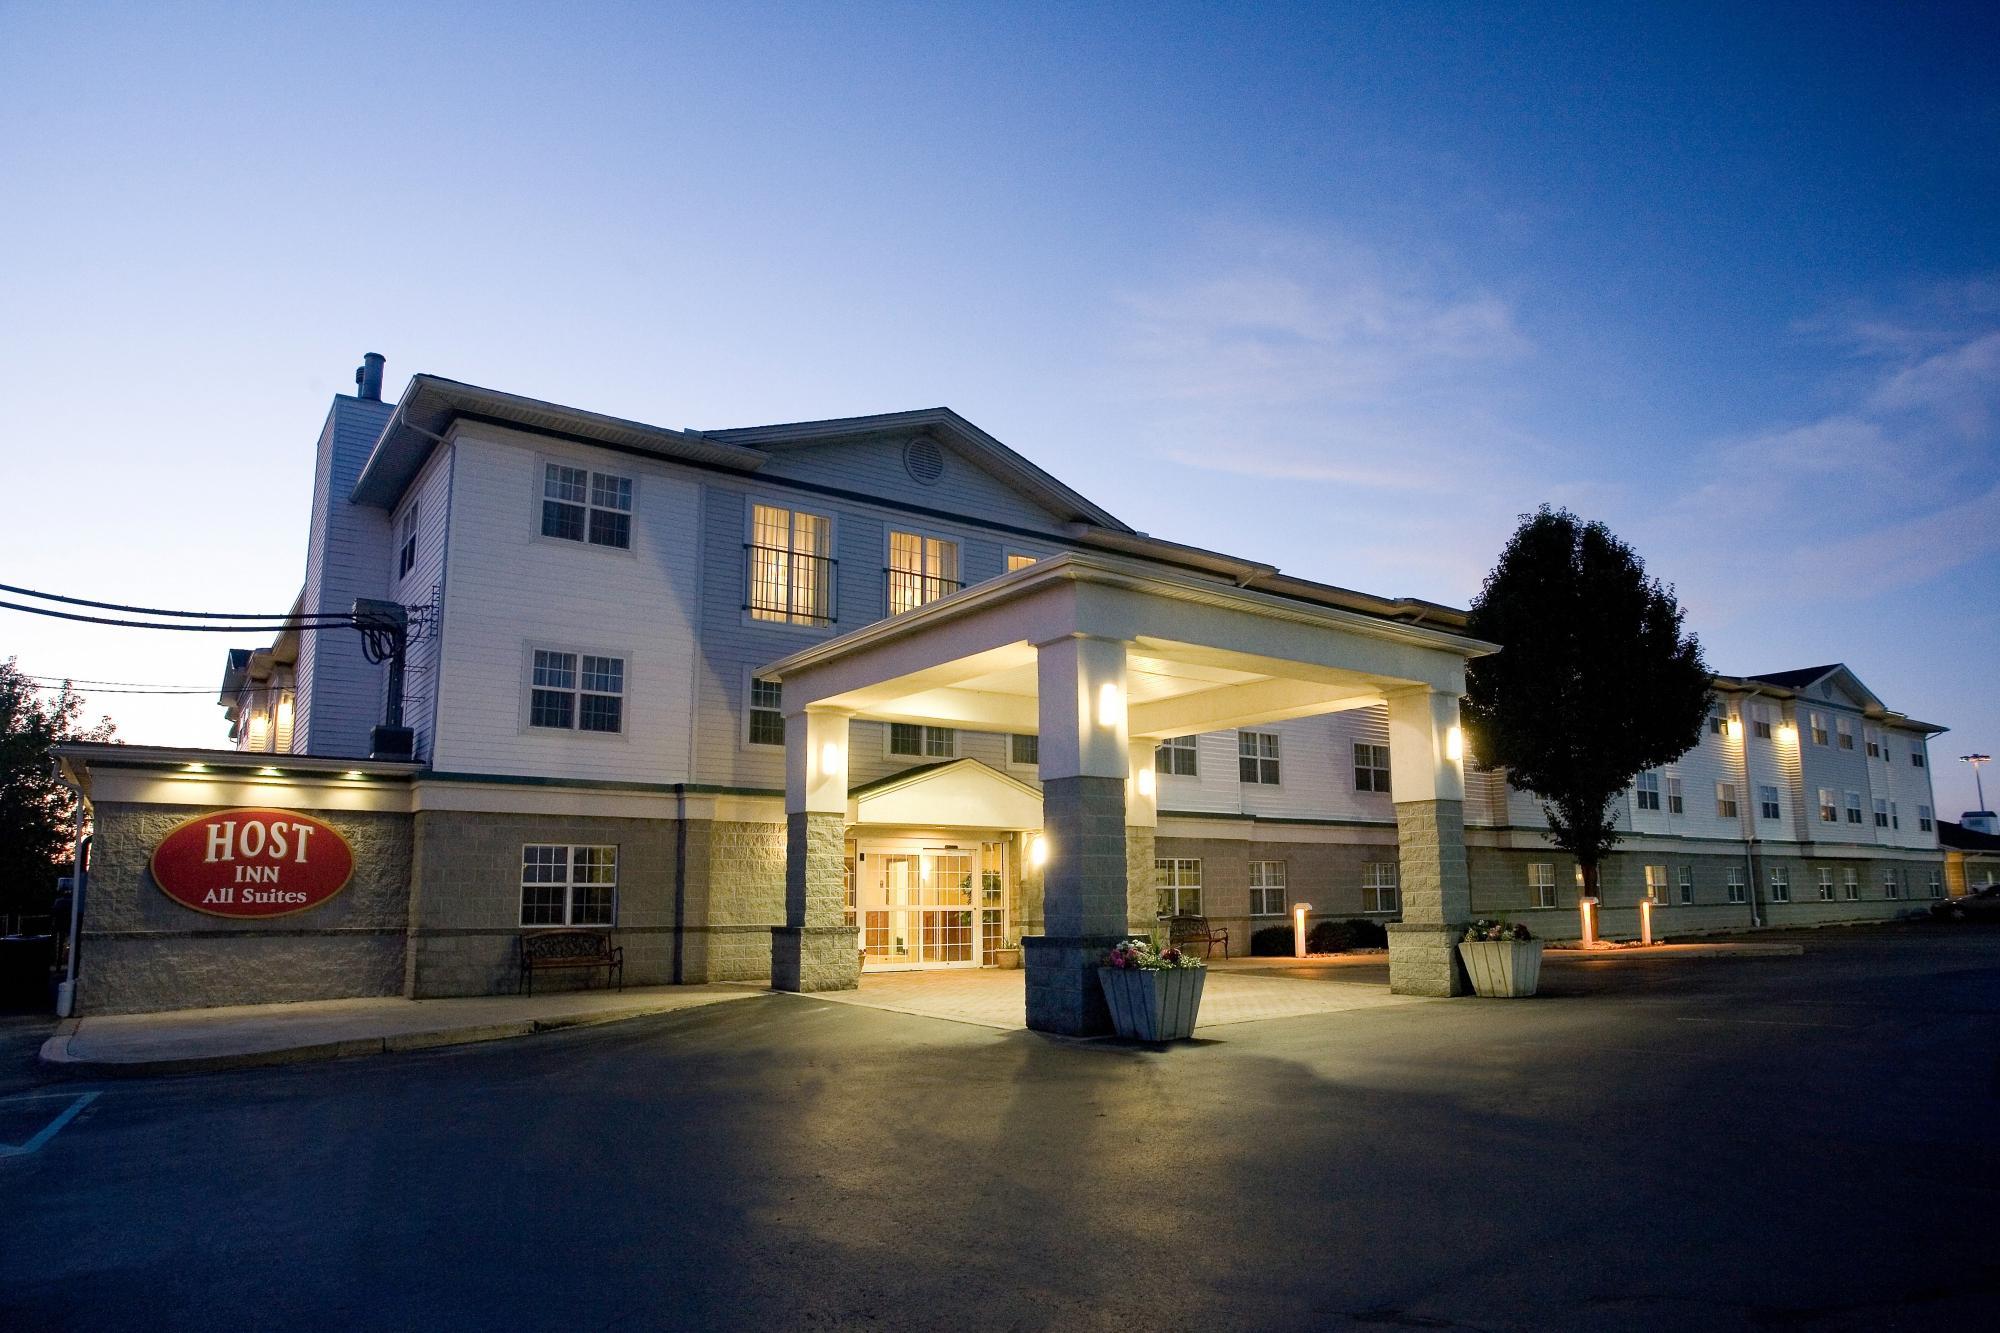 Host Inn All Suites Hotel